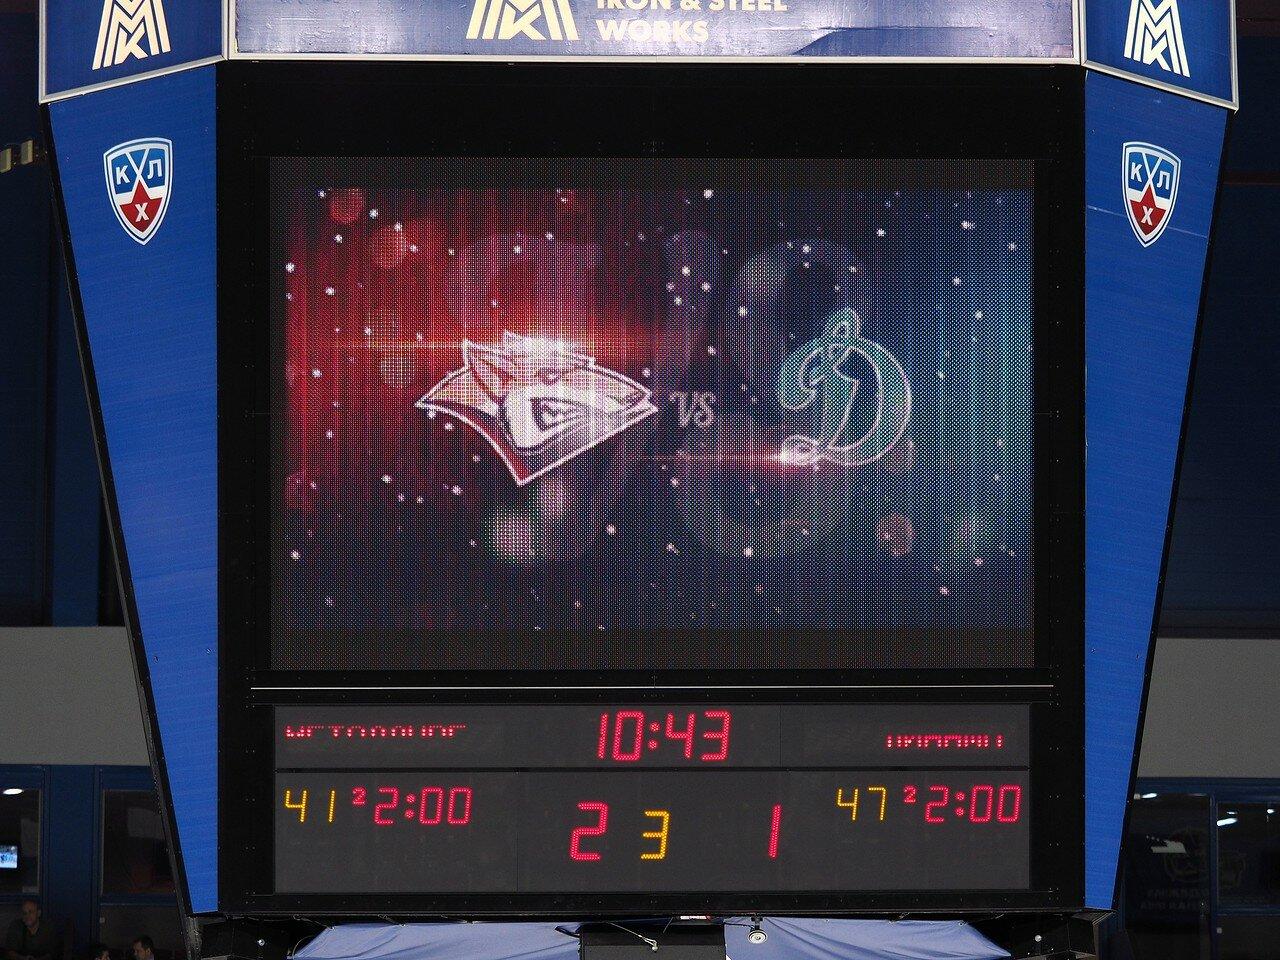 108Металлург - Динамо Москва 28.12.2015